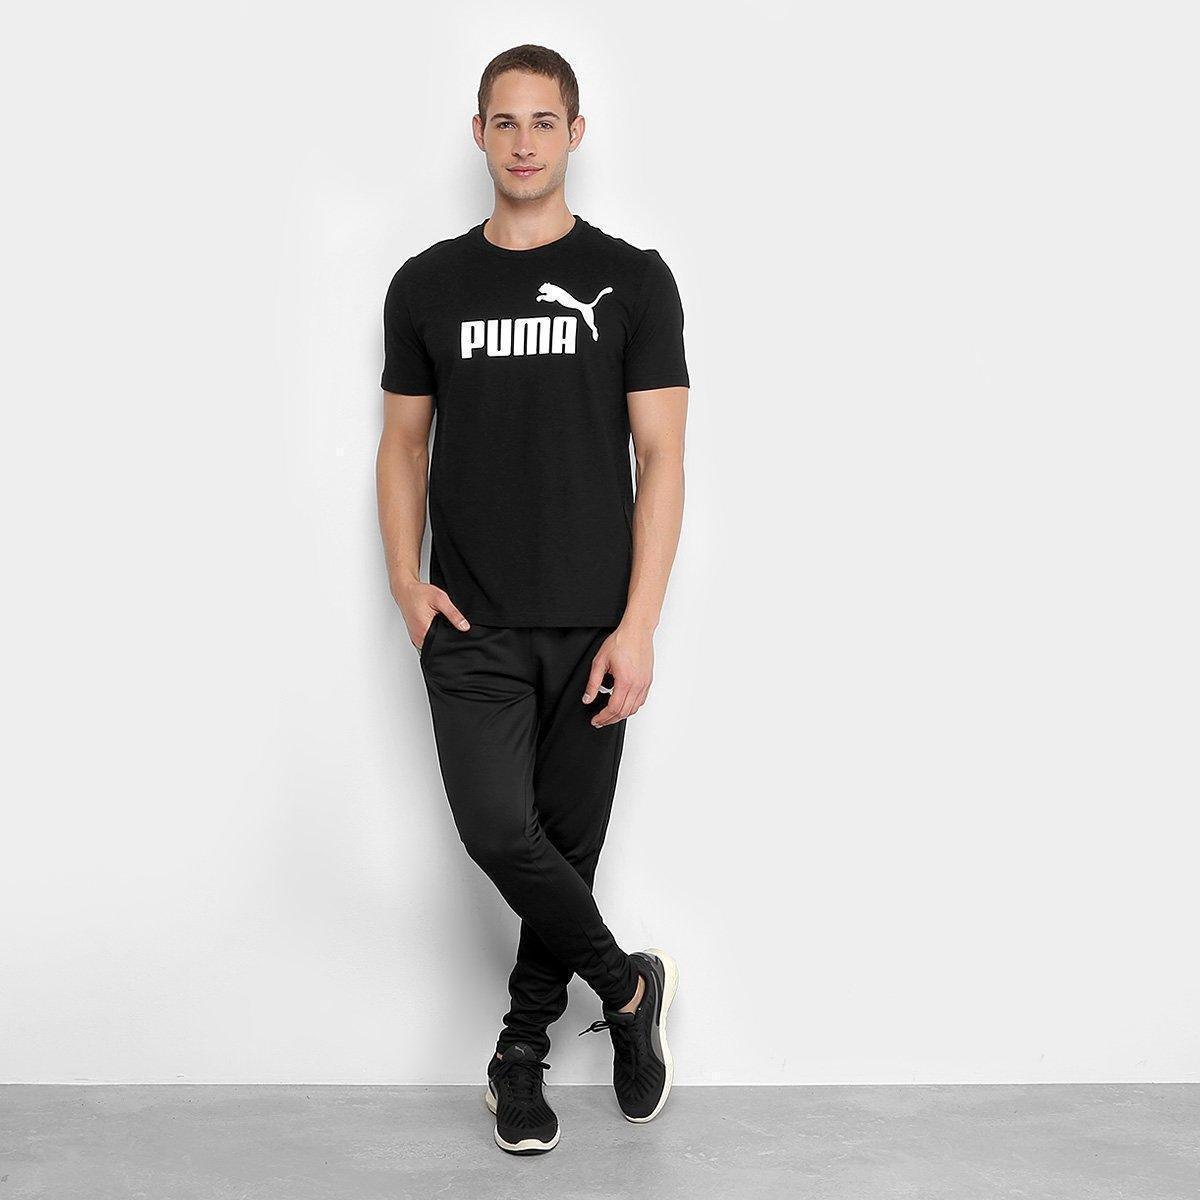 Camiseta Puma Essentials Logo Masculina - Preto - Compre Agora ... f2a54f1f9af97